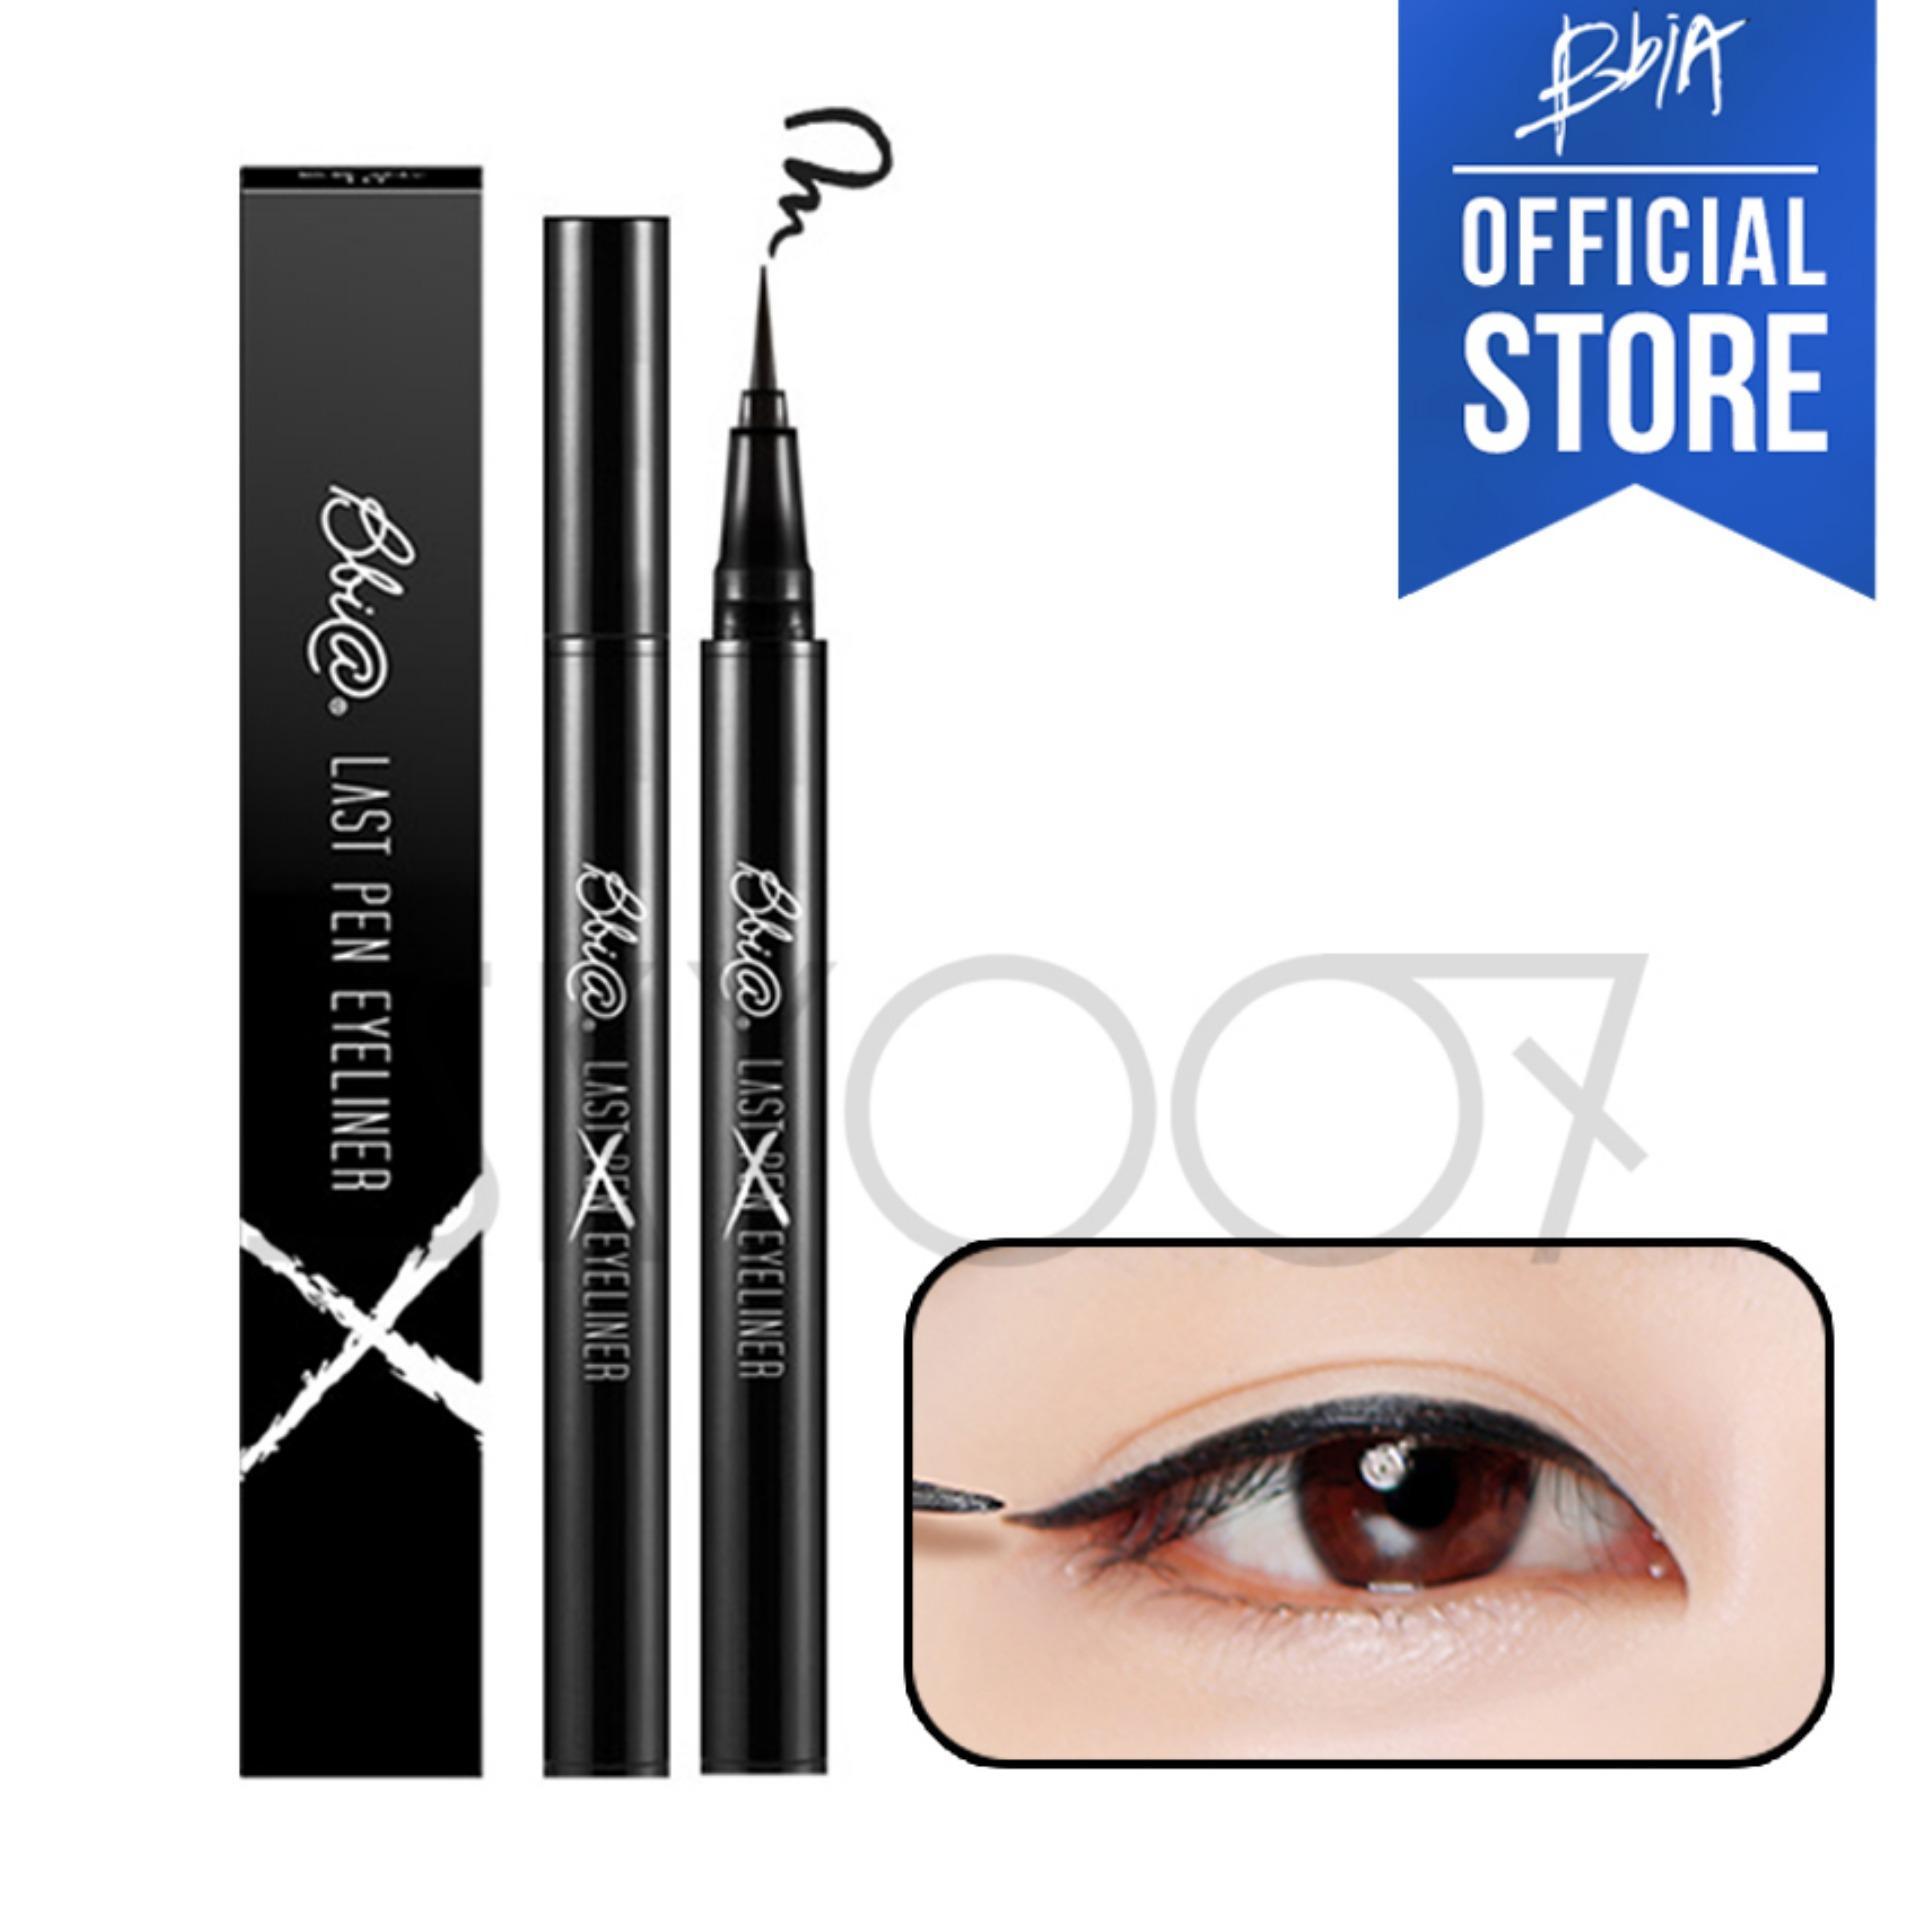 Kẻ mắt nước lâu trôi Bbia Last Pen Eyeliner – 01 Sharpen Black (Màu đen)